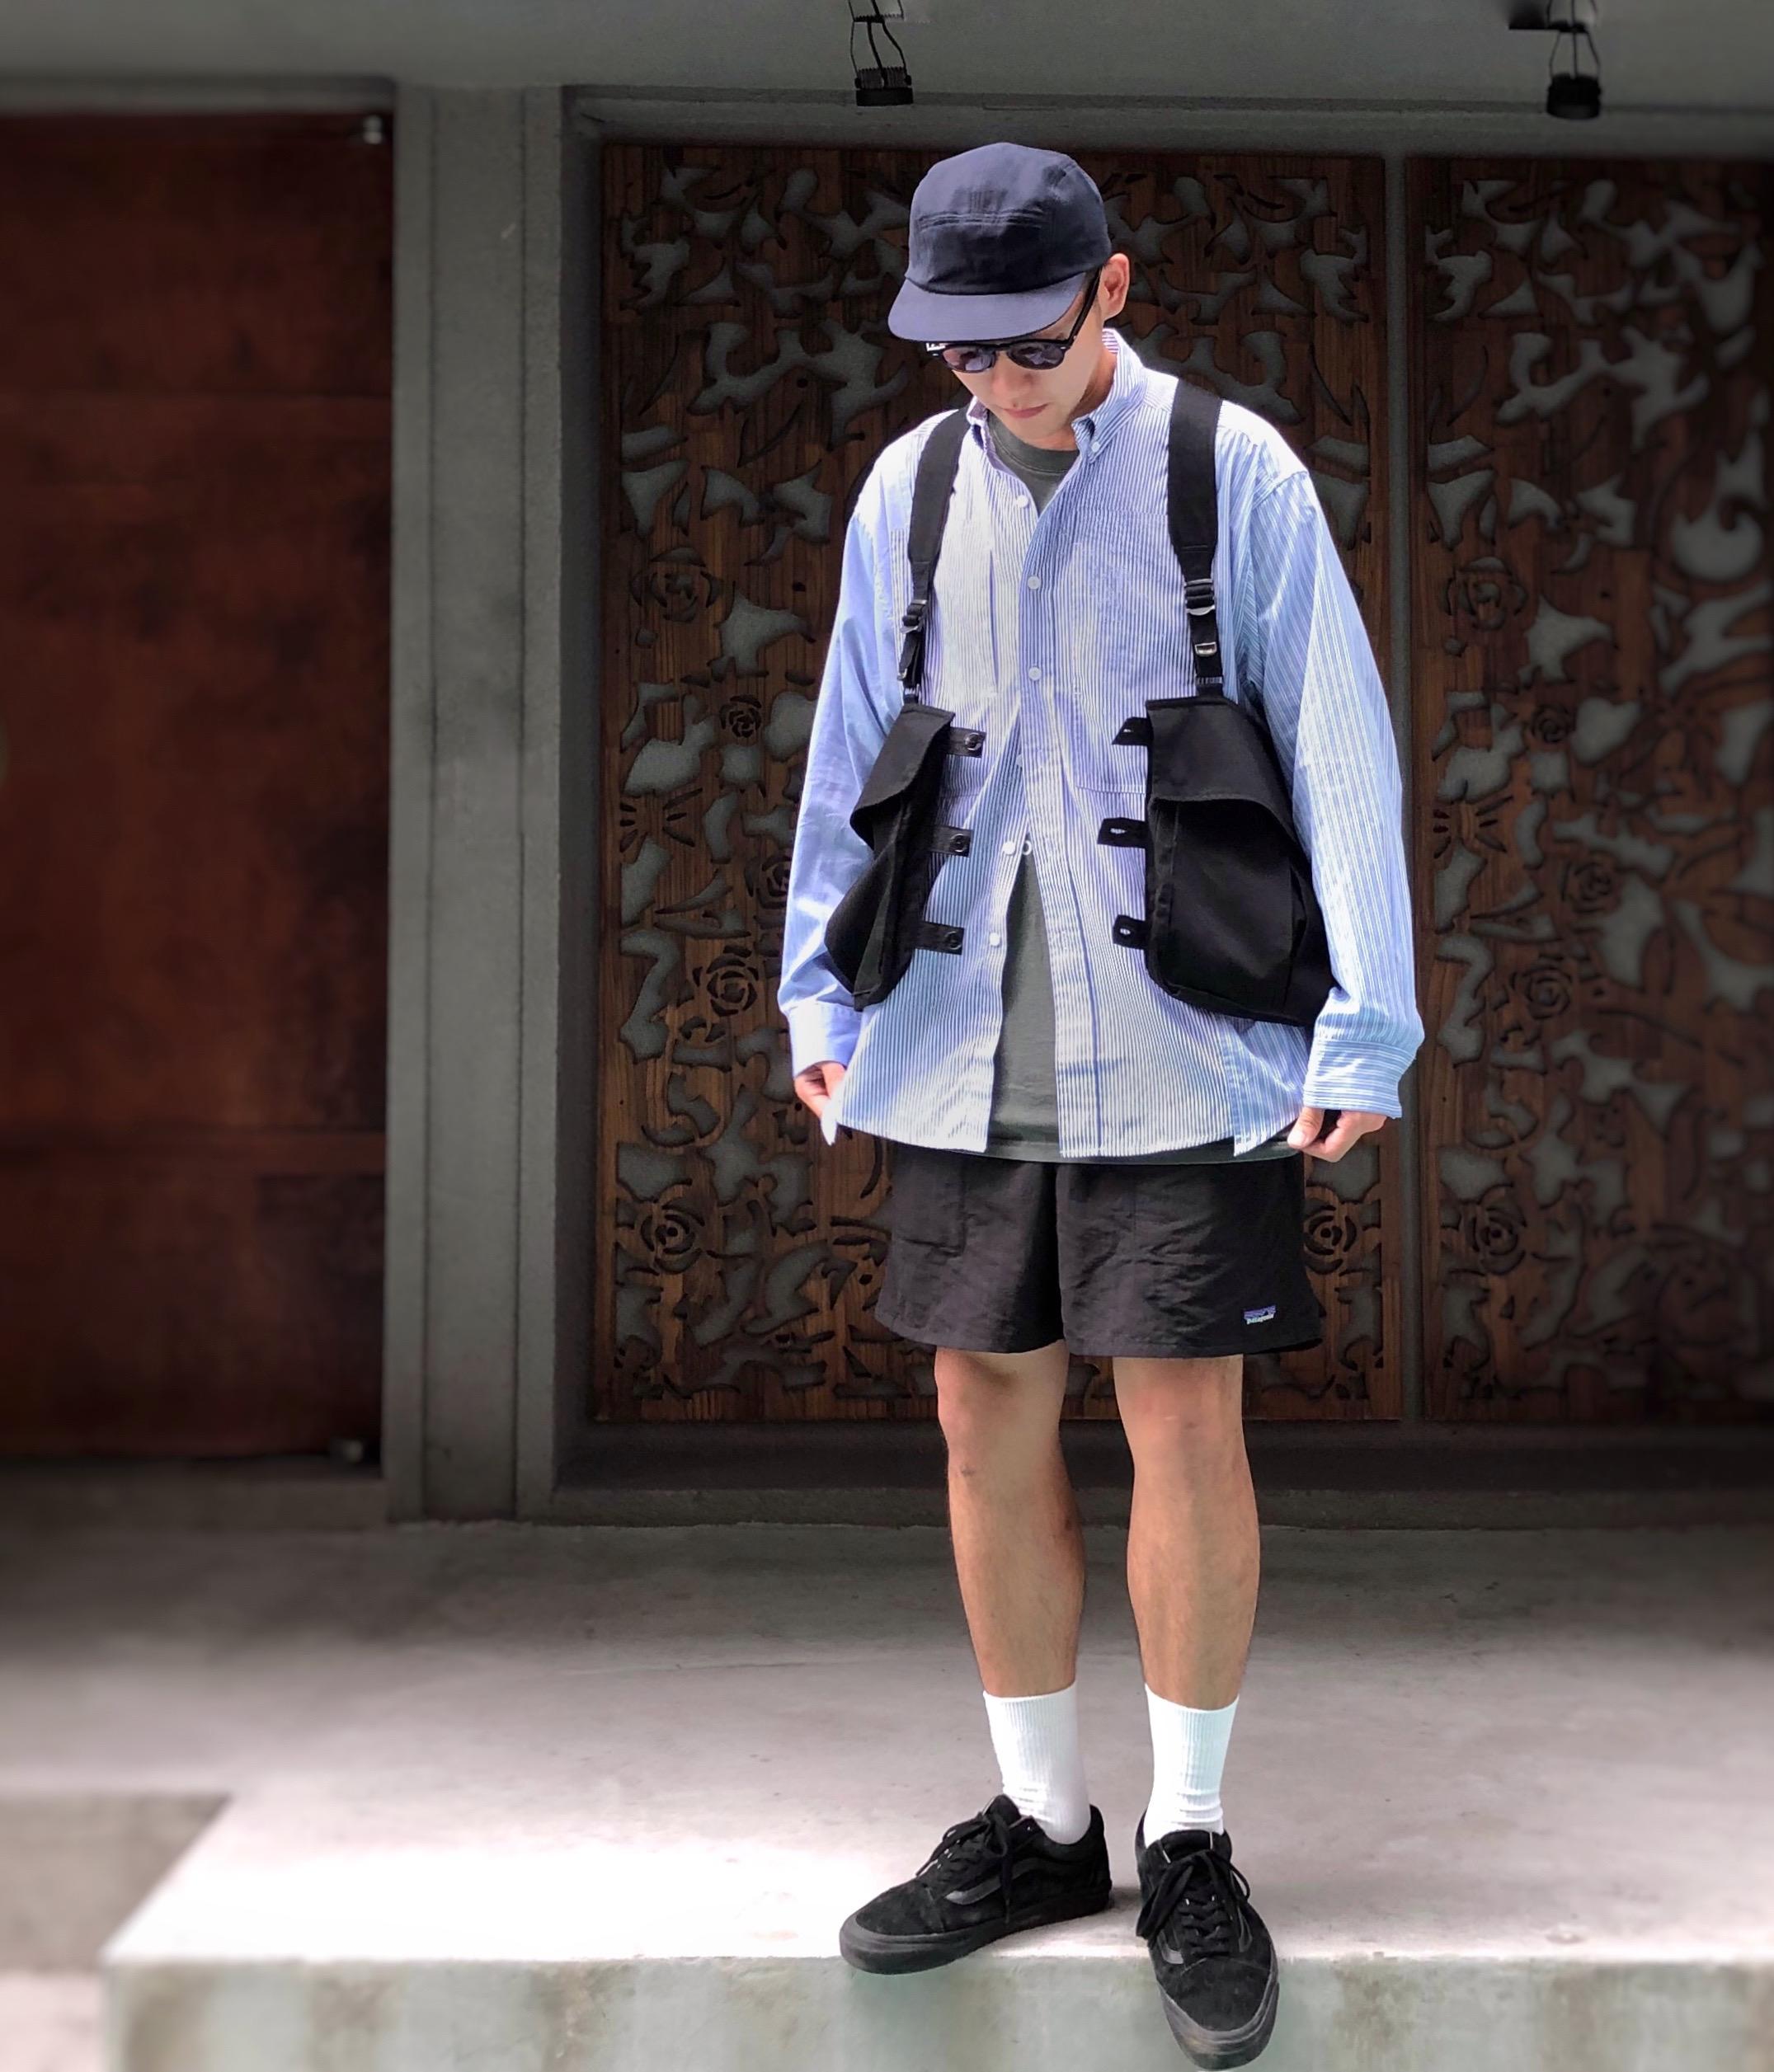 門市穿搭,穿搭,plain-me,一週搭配,搭配名人,街頭搭配,男穿搭,男生穿搭,alen 一週穿搭